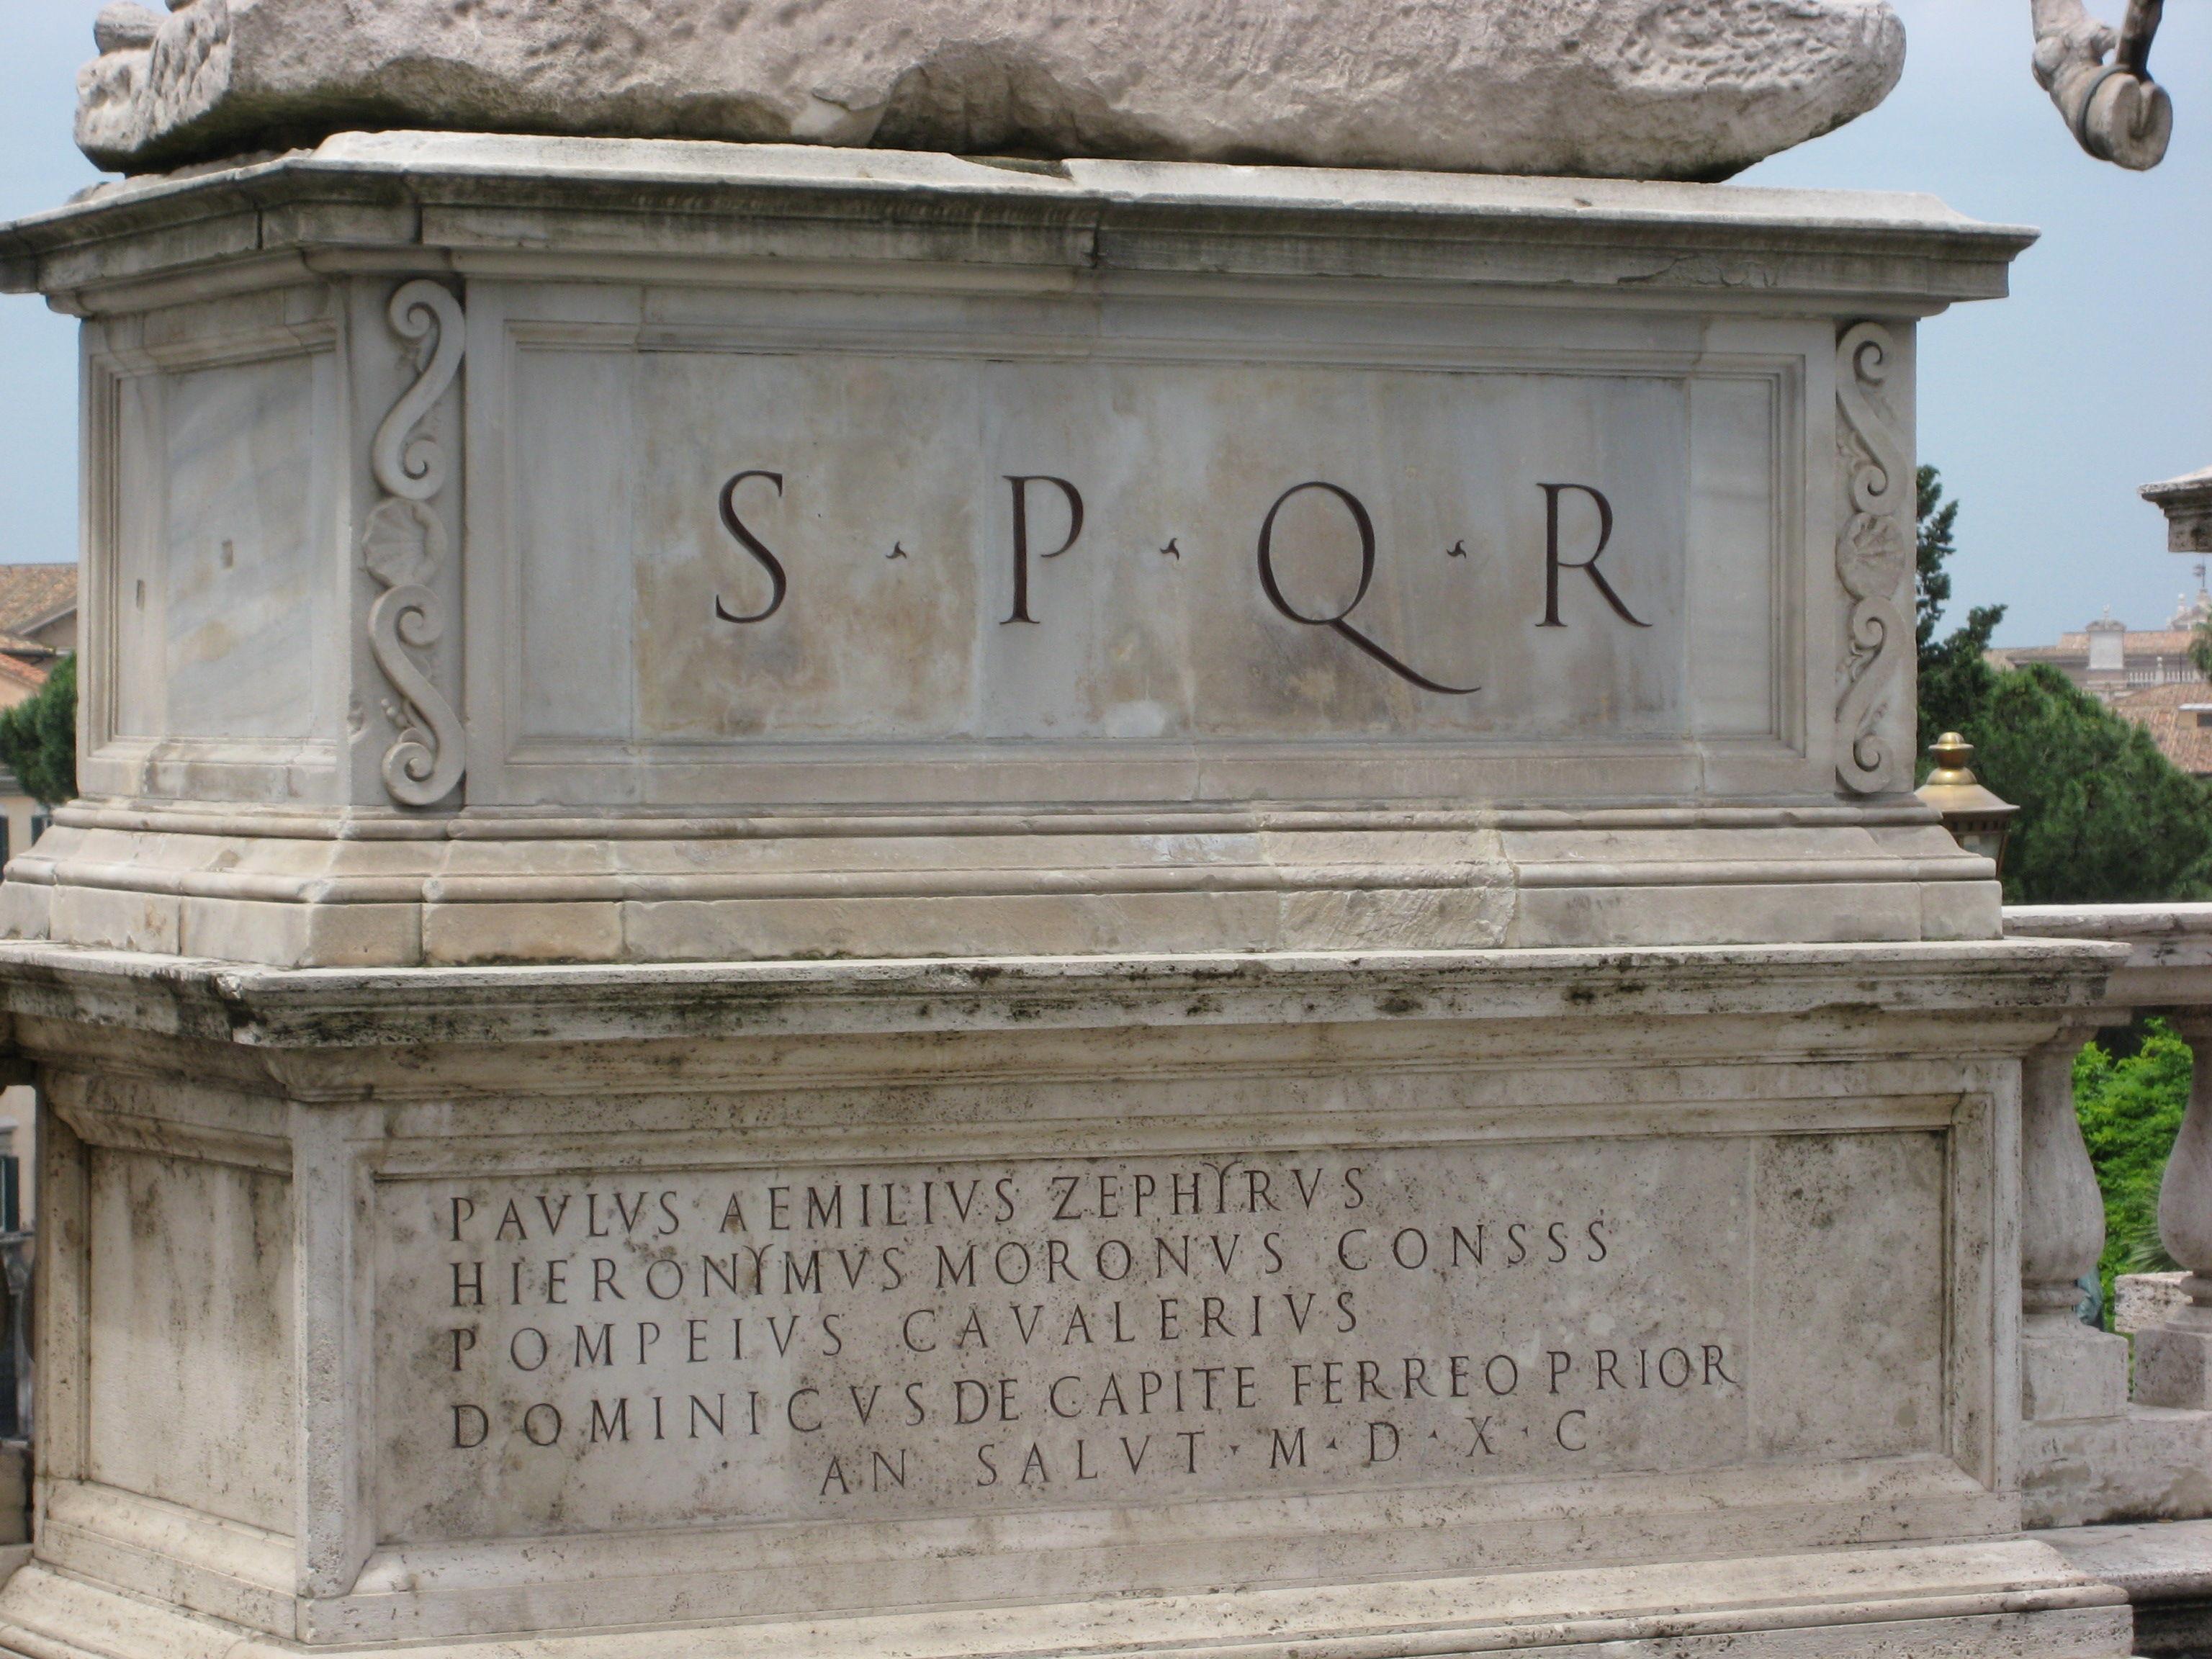 ¿Qué significa el famoso lema del Estado romano